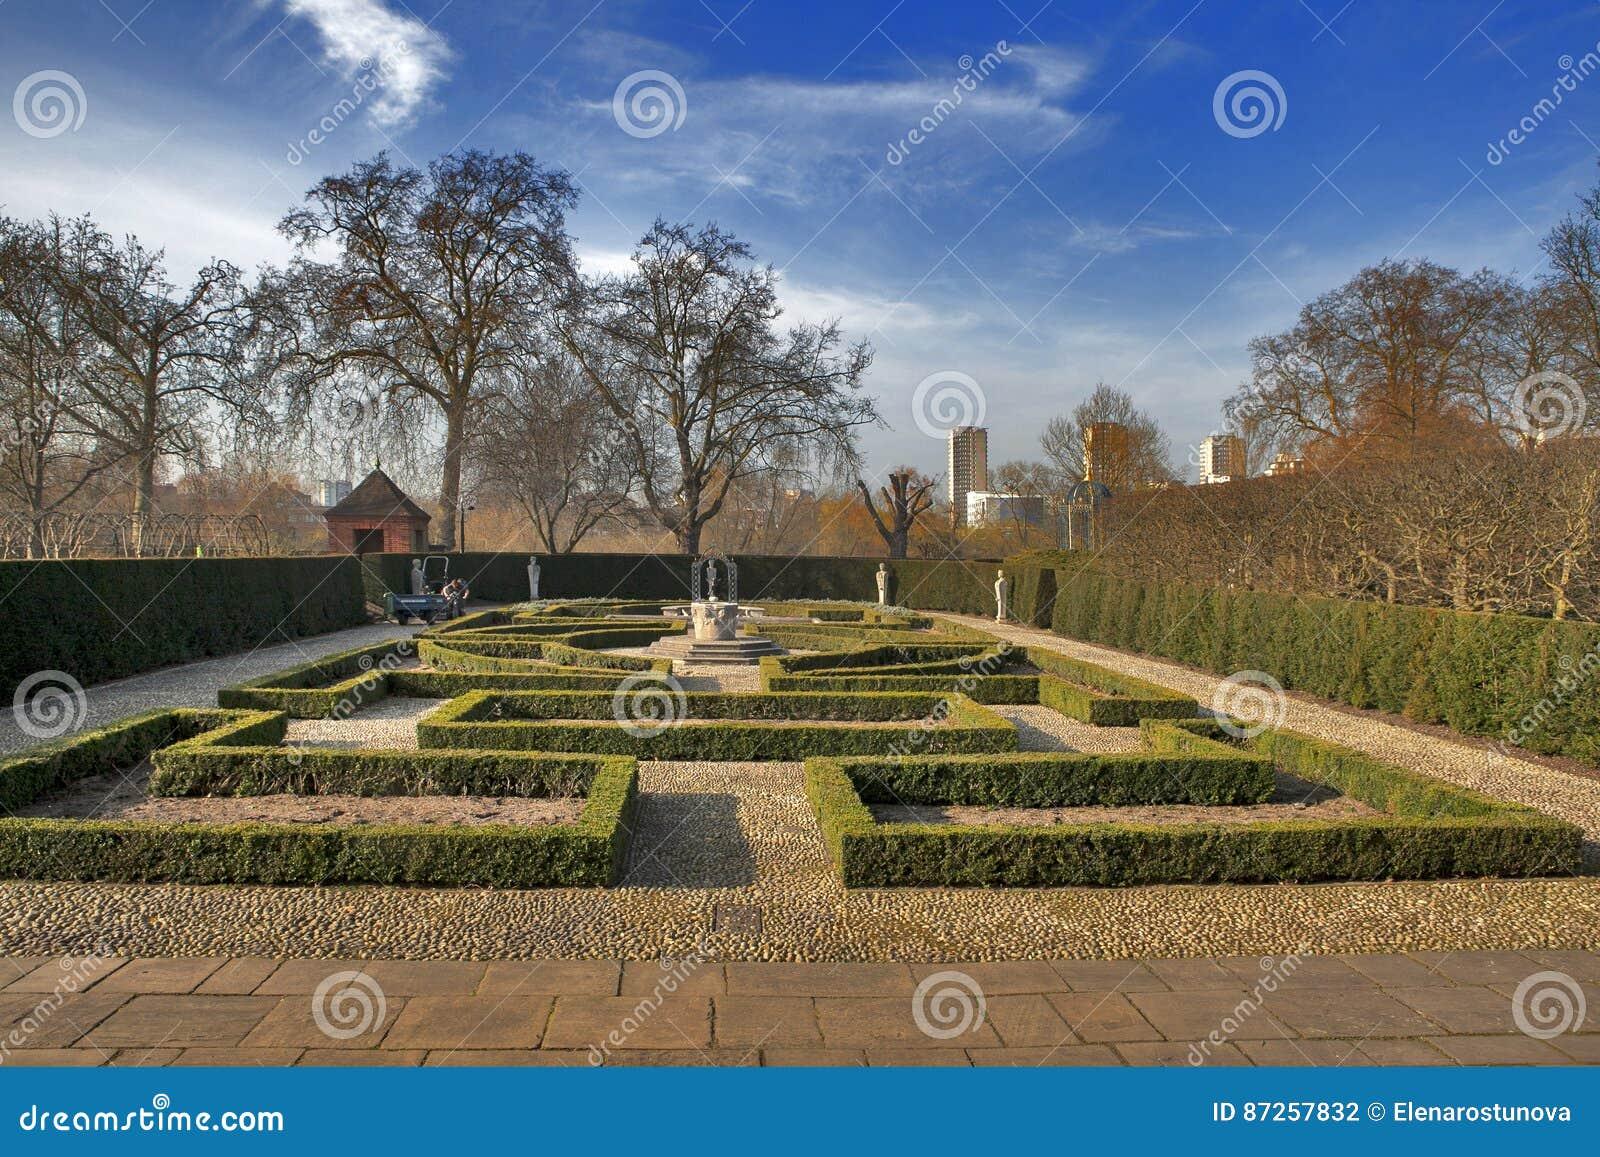 正式女王/王后` s庭院:17世纪样式庭院位于的后面/在荷兰议院/Kew宫殿的后面 英国